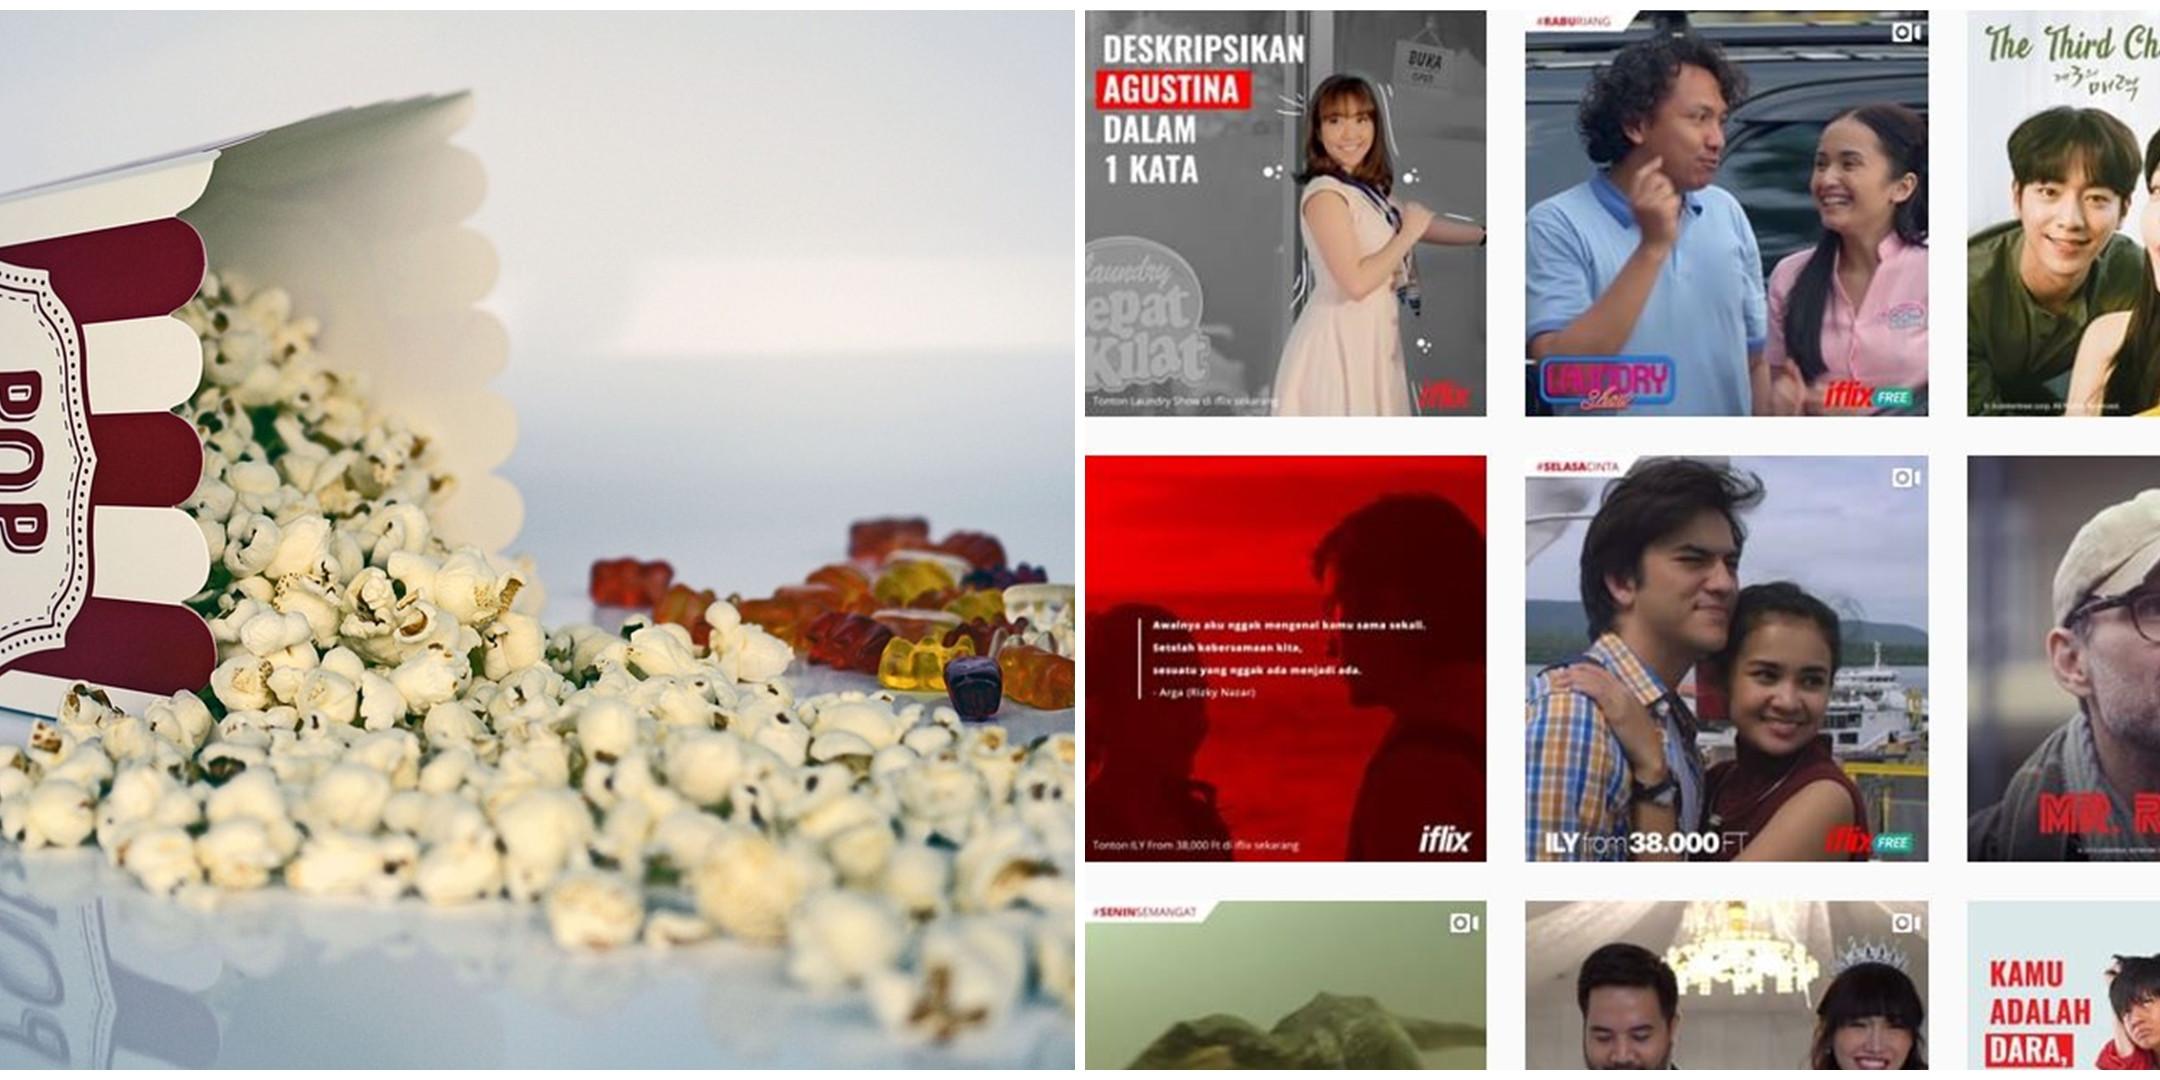 7 Aplikasi Nonton Film Terbaik Legal Dan Bisa Di Download